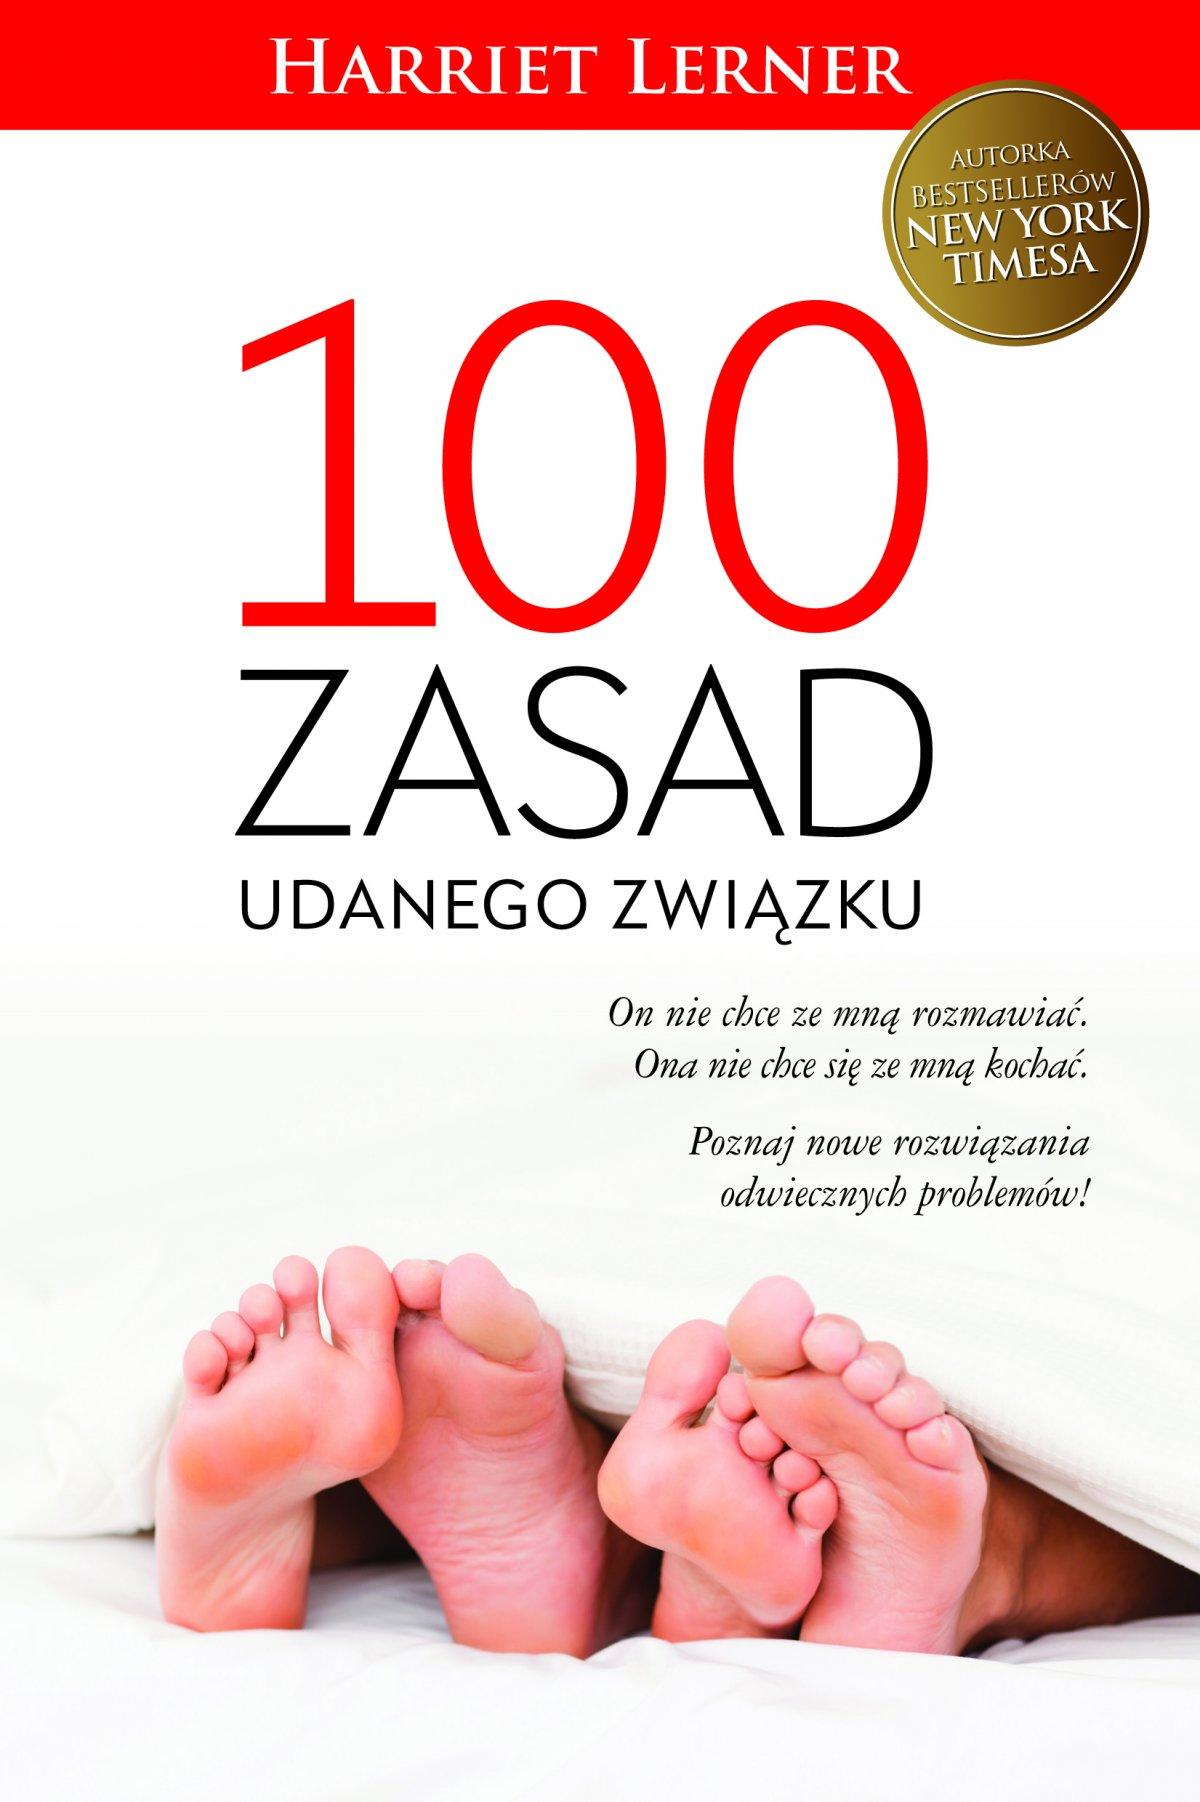 100 zasad udanego związku harriet lerner pdf chomikuj